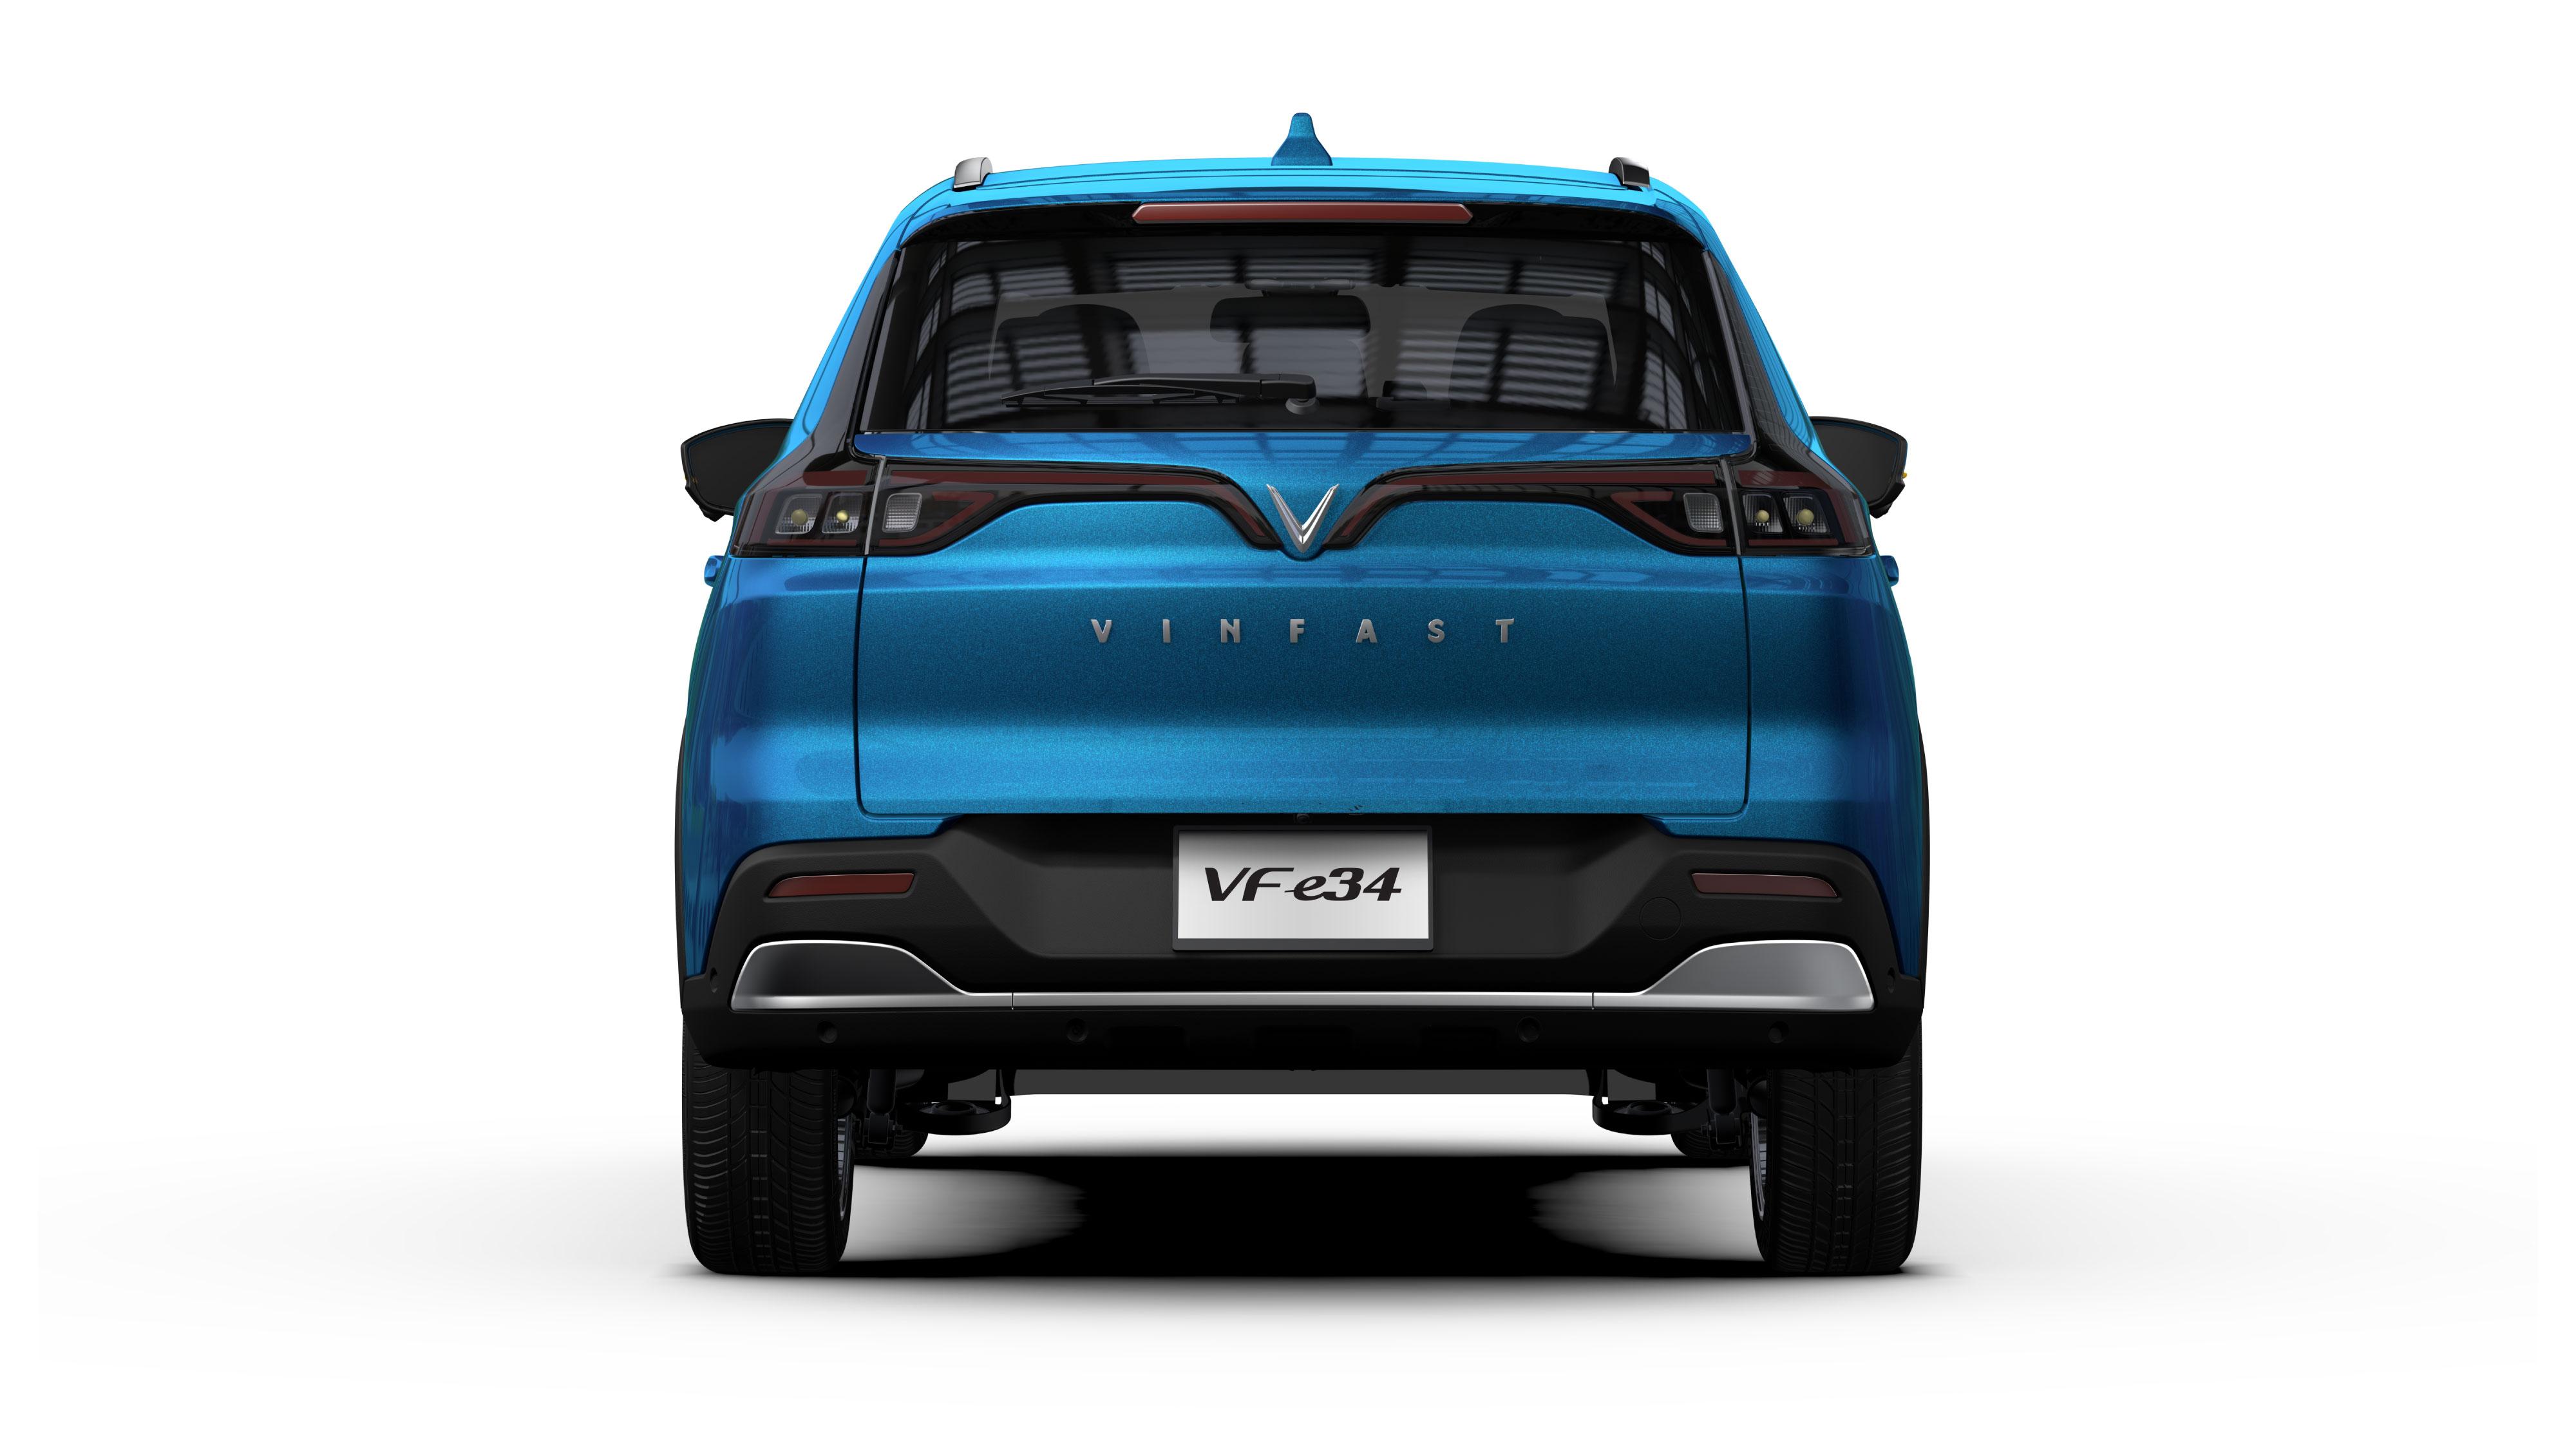 VinFast mở bán mẫu ô tô điện đầu tiên với mức giá 690 triệu đồng - Ảnh 5